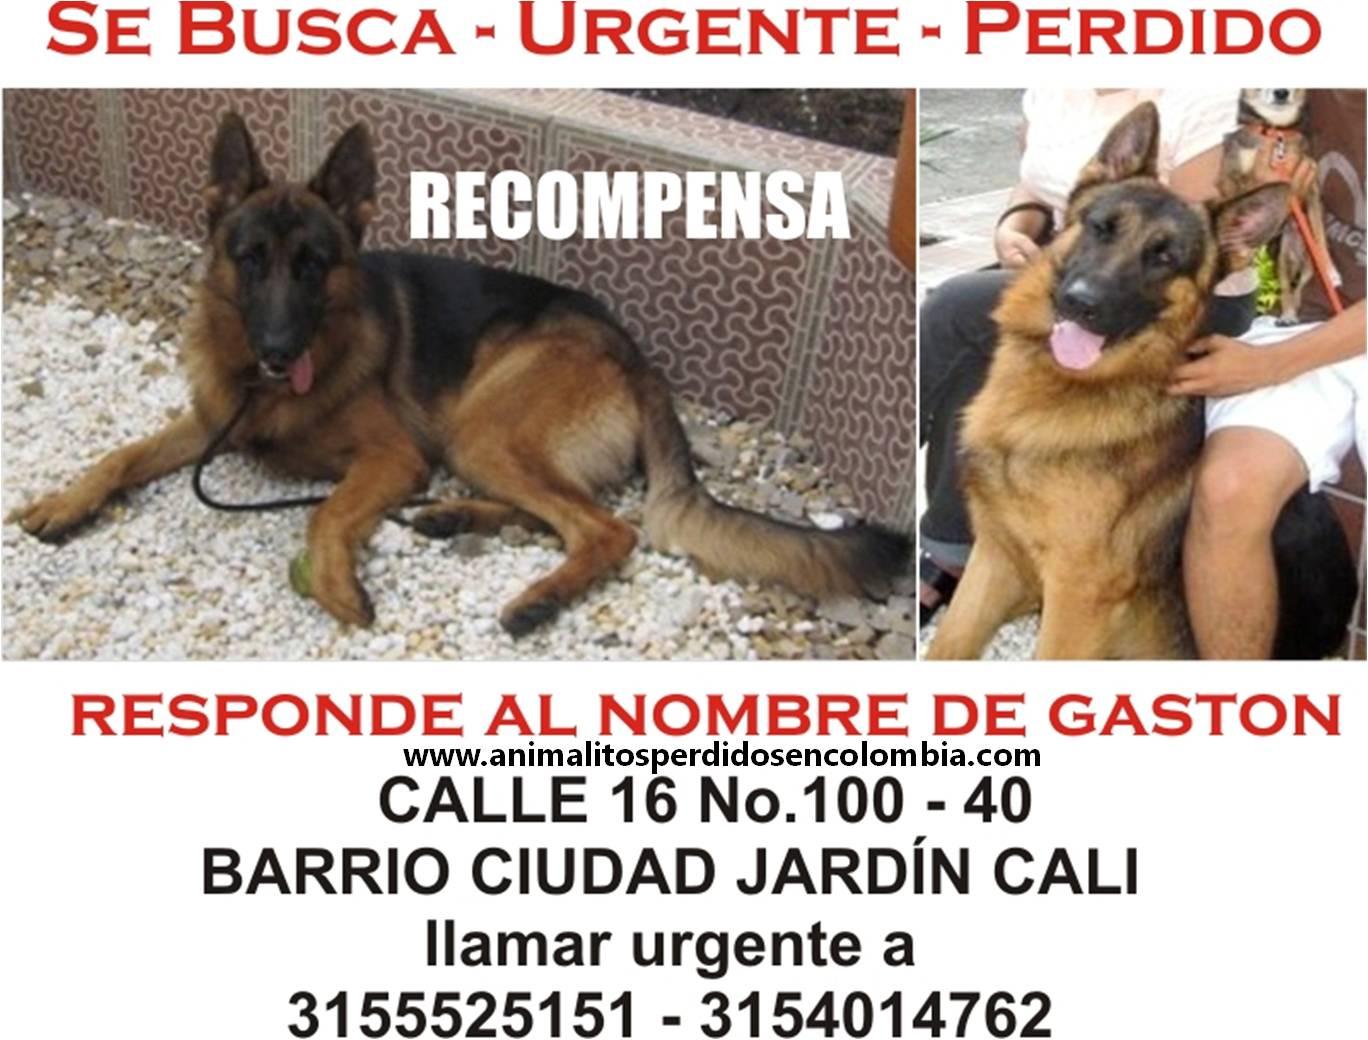 Animalitos perdidos en colombia enero 2012 for Barrio ciudad jardin cali